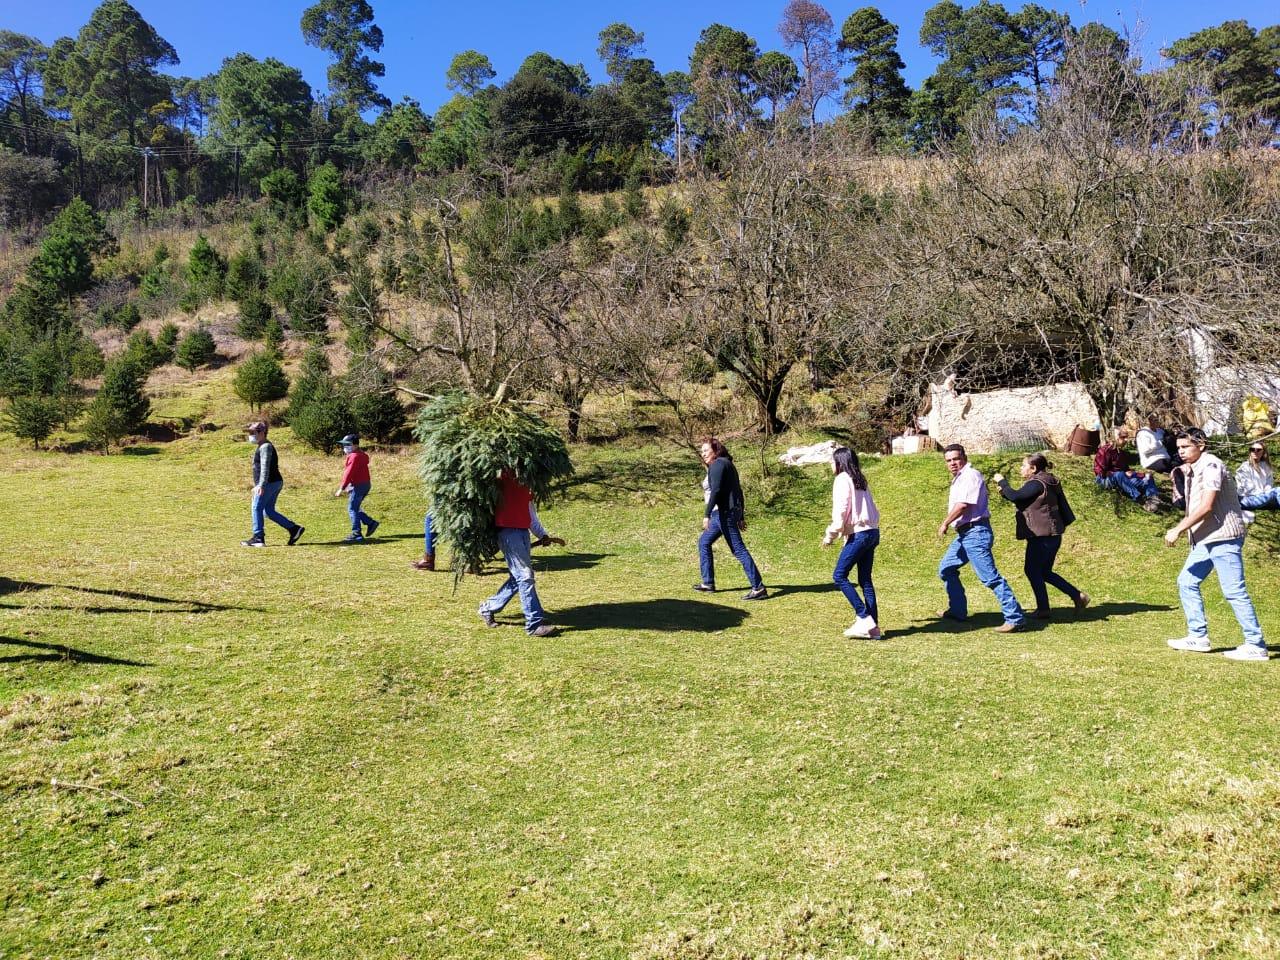 Venta de pinos navideños se mantiene a pesar del coronavirus, en la región de Las Vigas